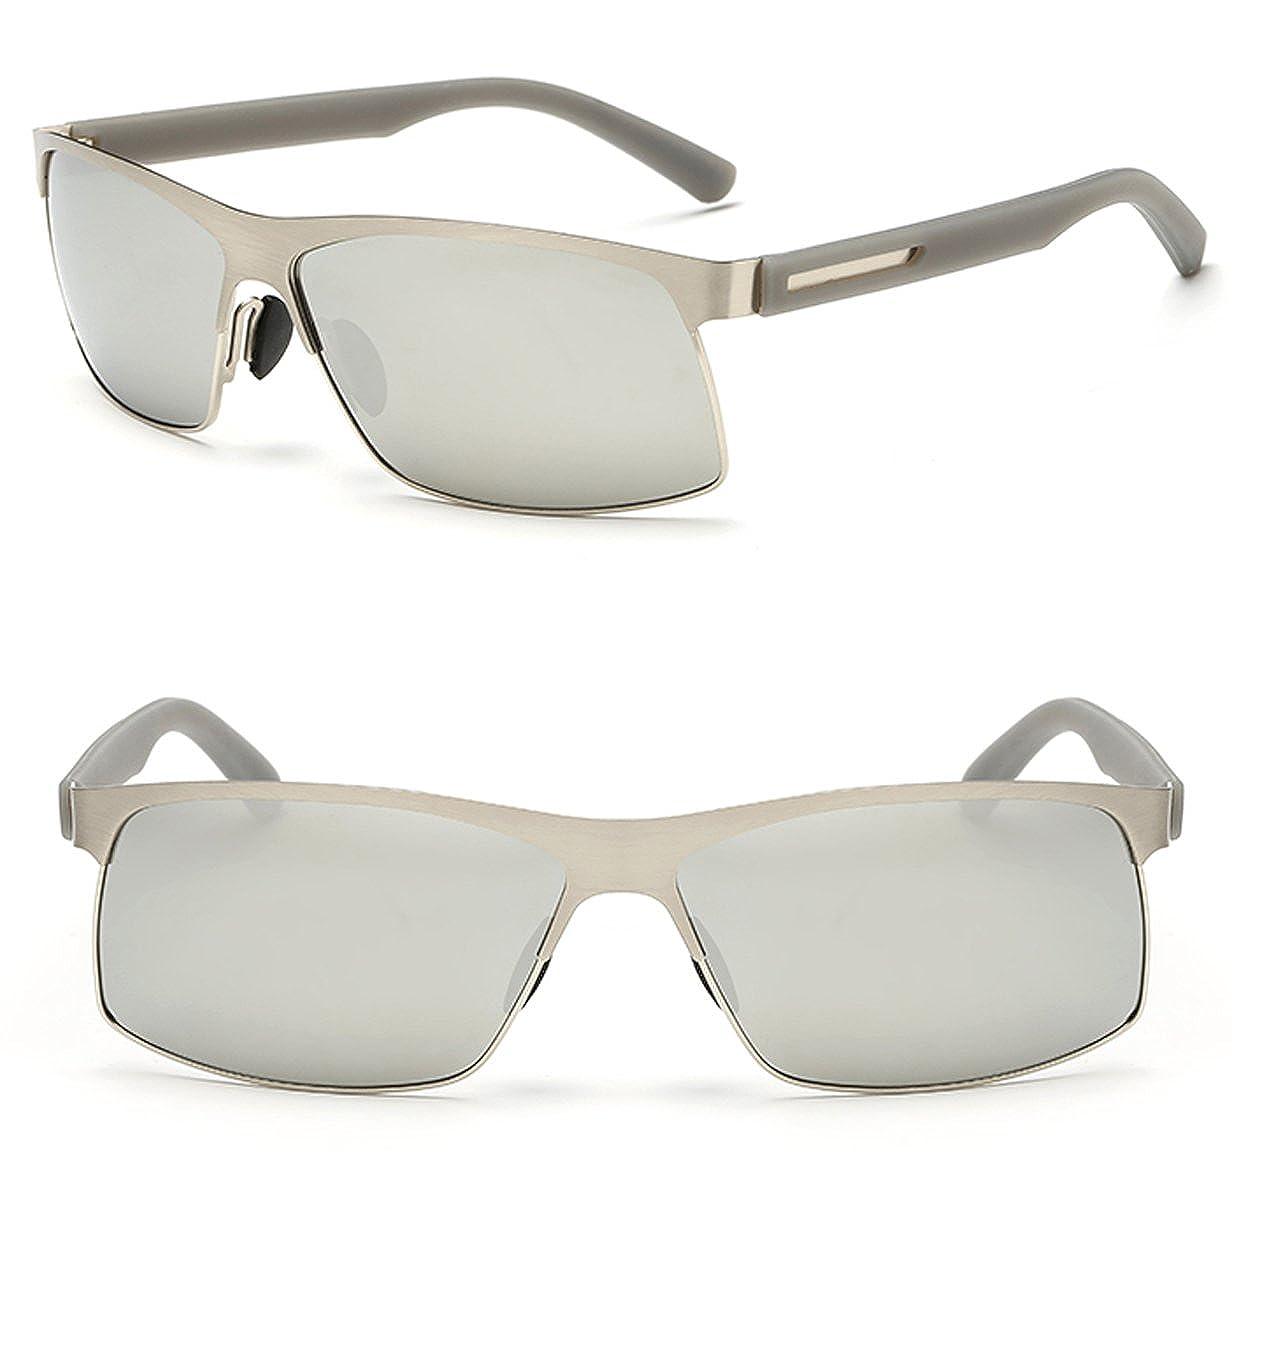 Marco de metal polarizadas de protección UV400 tac lentes Gafas de sol para conducir: Amazon.es: Ropa y accesorios